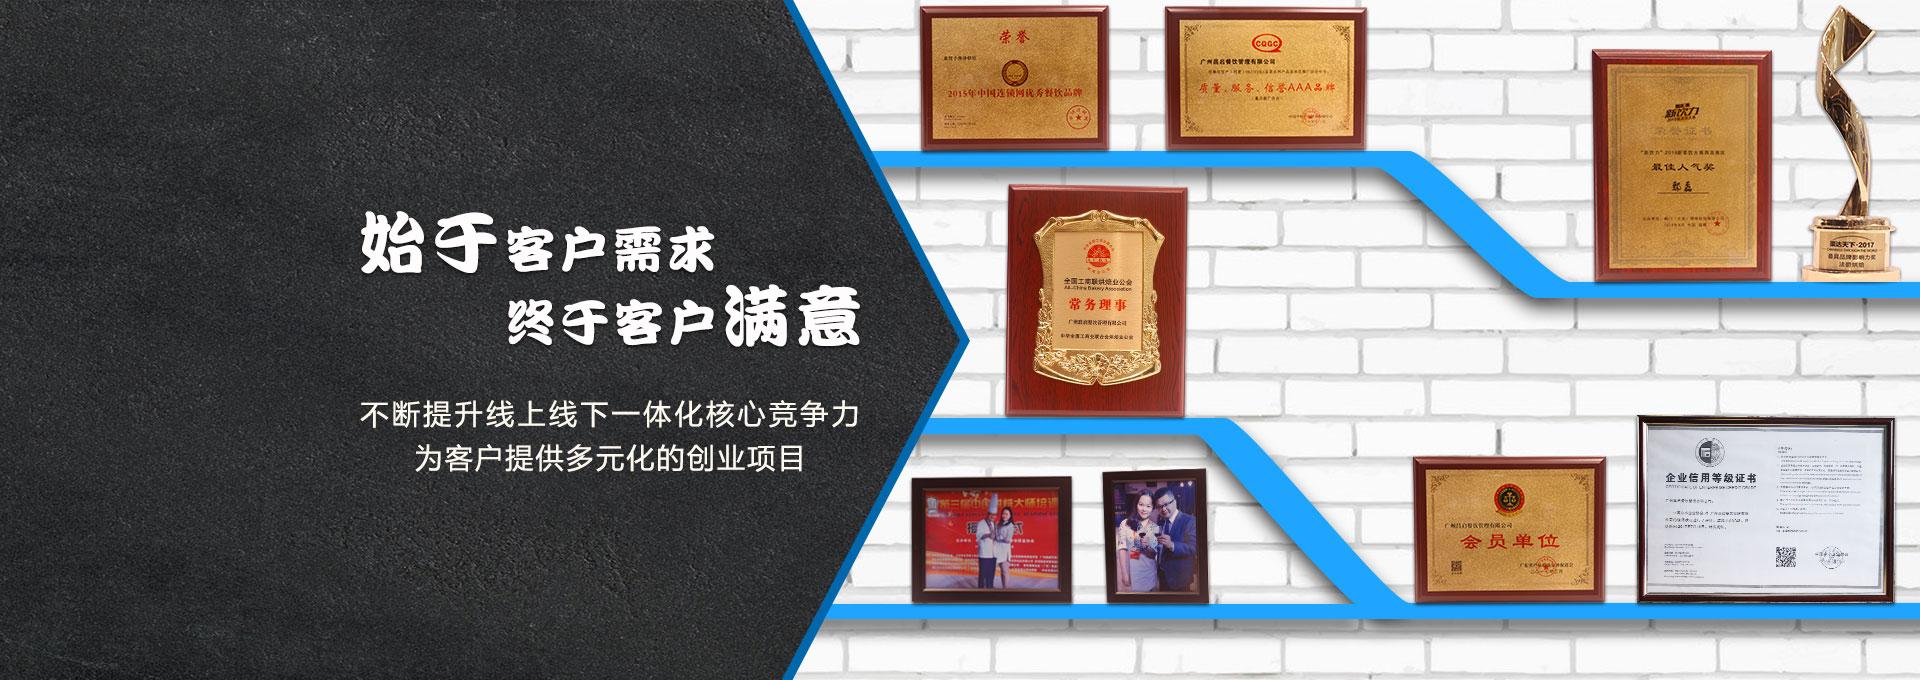 昌启餐饮服务准则_昌启餐饮加盟网